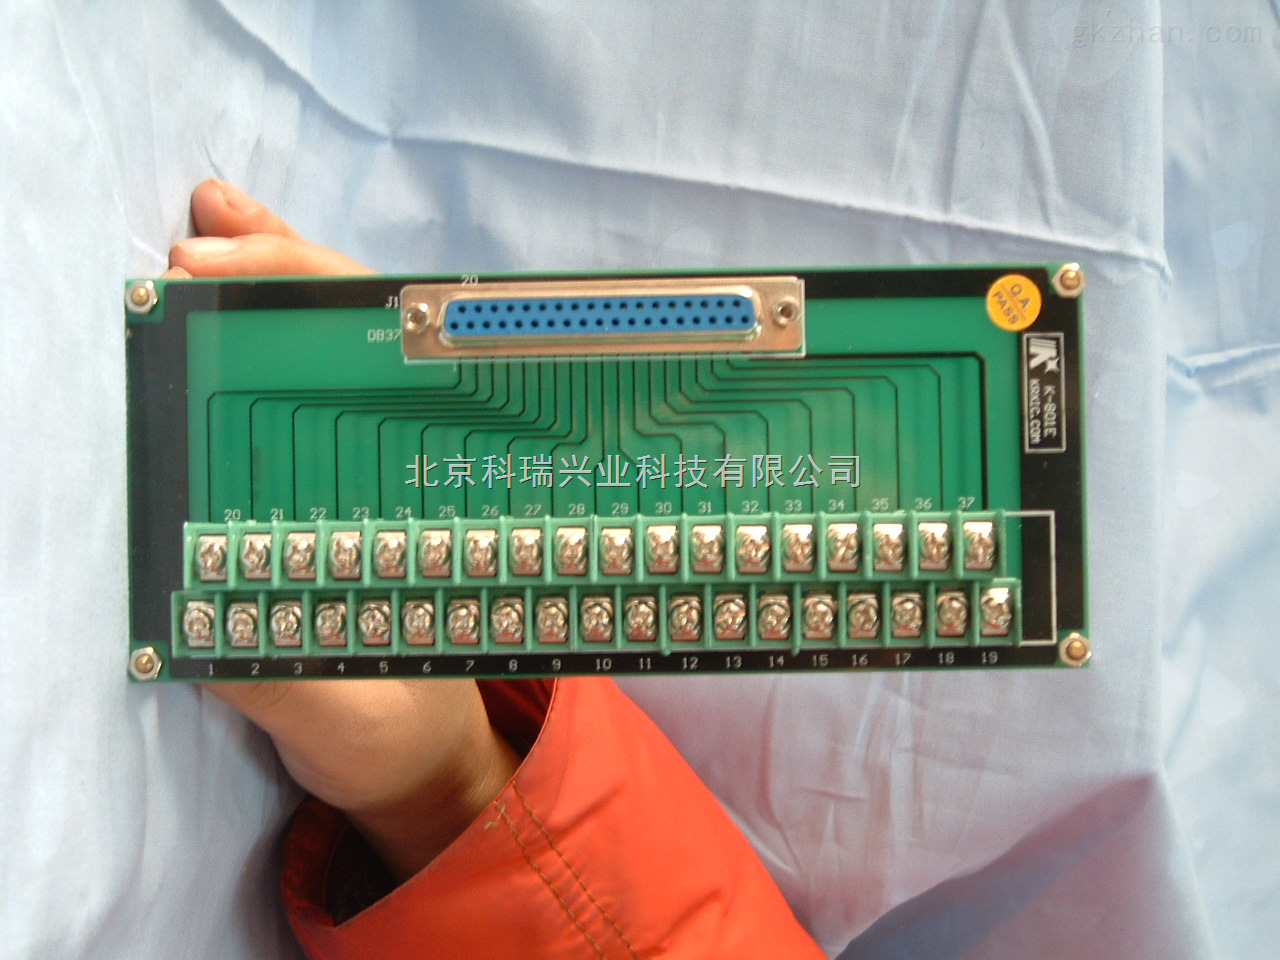 k-801e 通用接线端子板